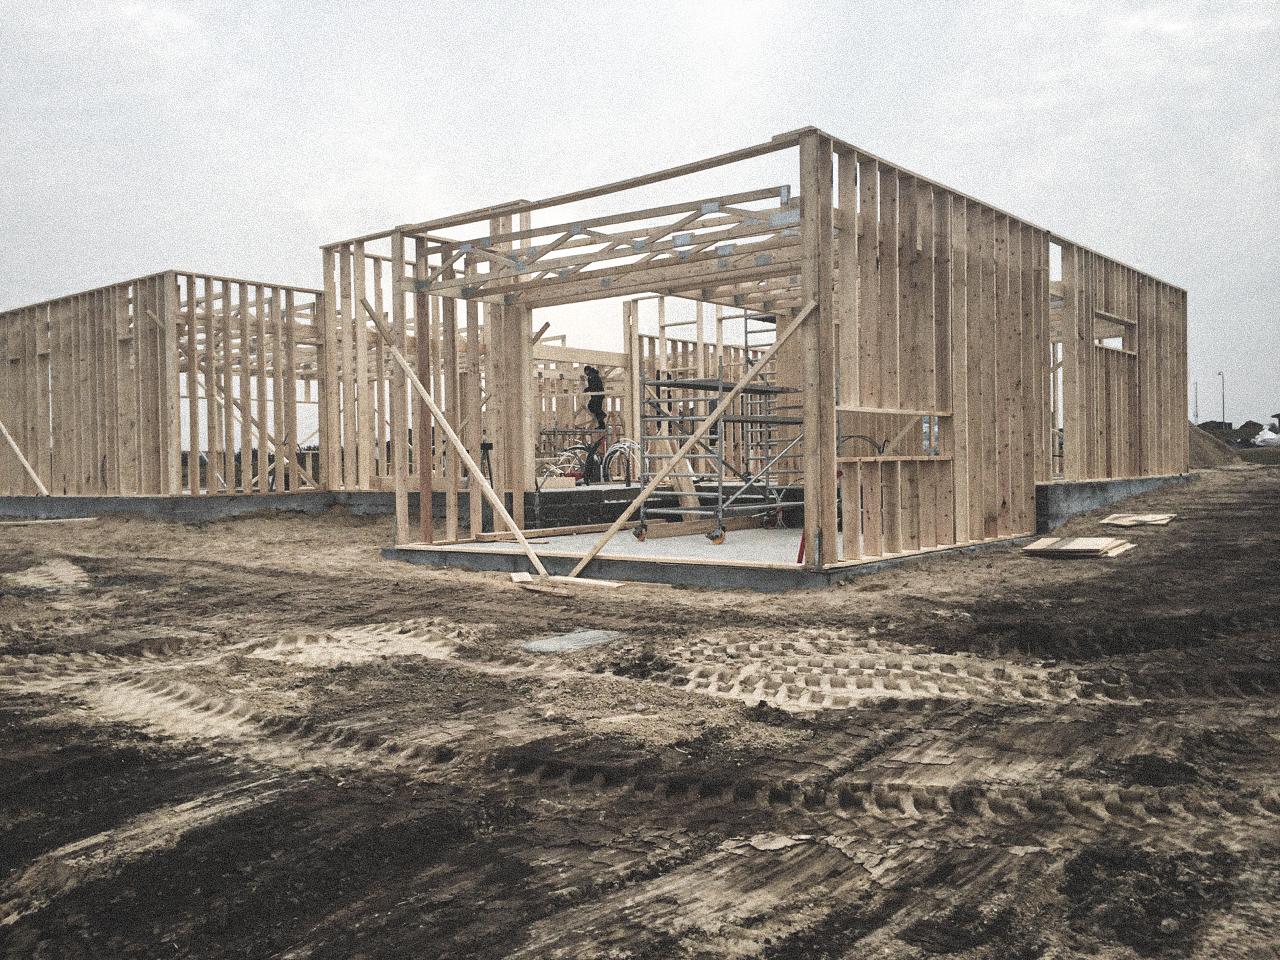 Billede af et igangværende byggeri i Støvring, tegnet af arkitektfirmaet m2plus.